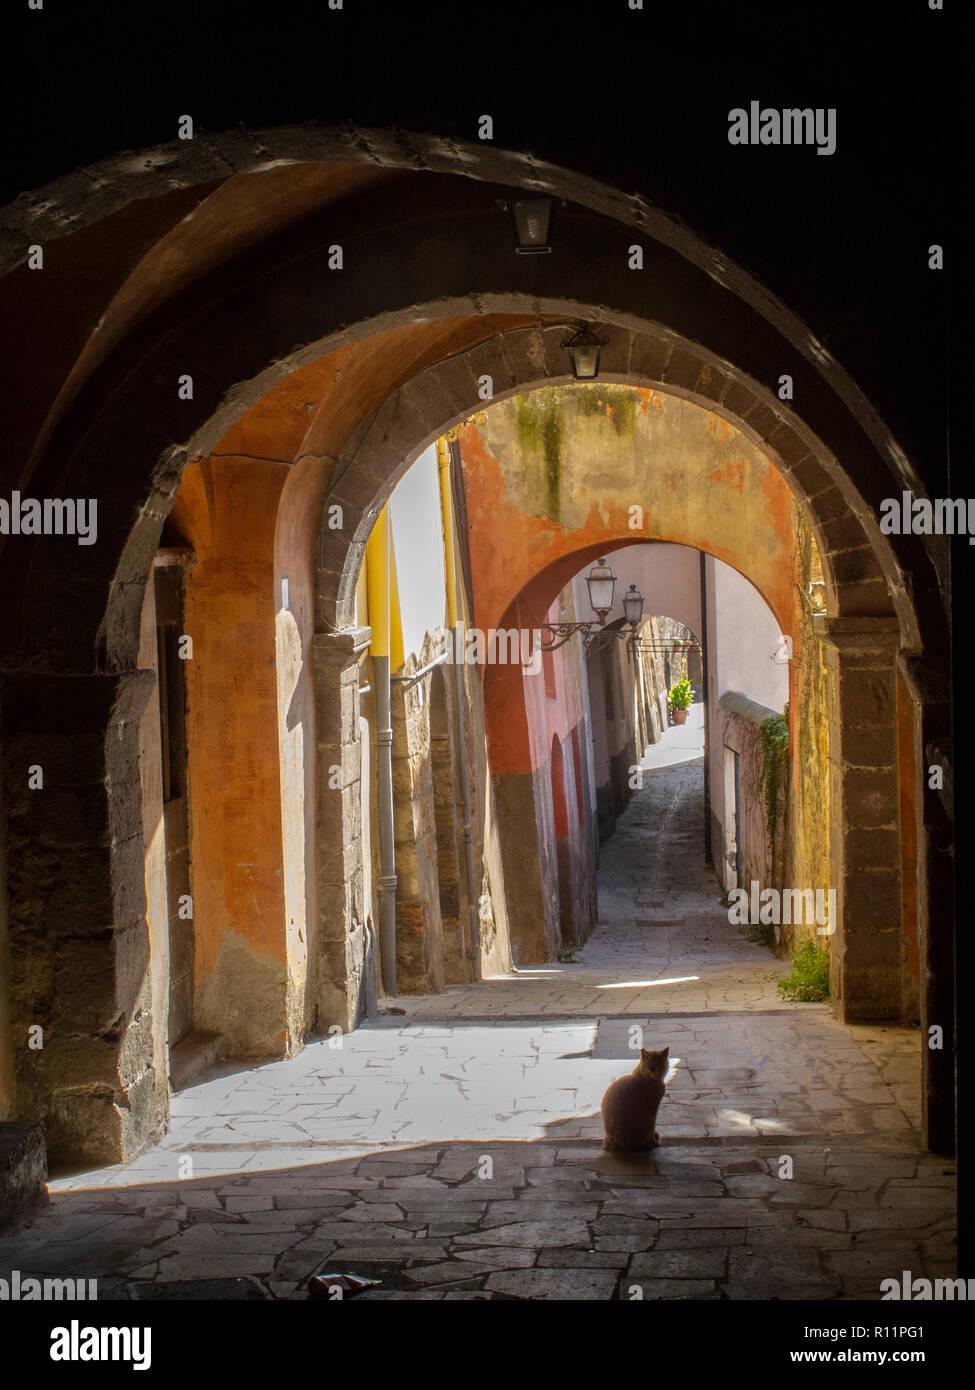 Característico callejón cubierto en el pueblo medieval de Tuscania (Italia) con un gato con retroiluminación. Foto de stock